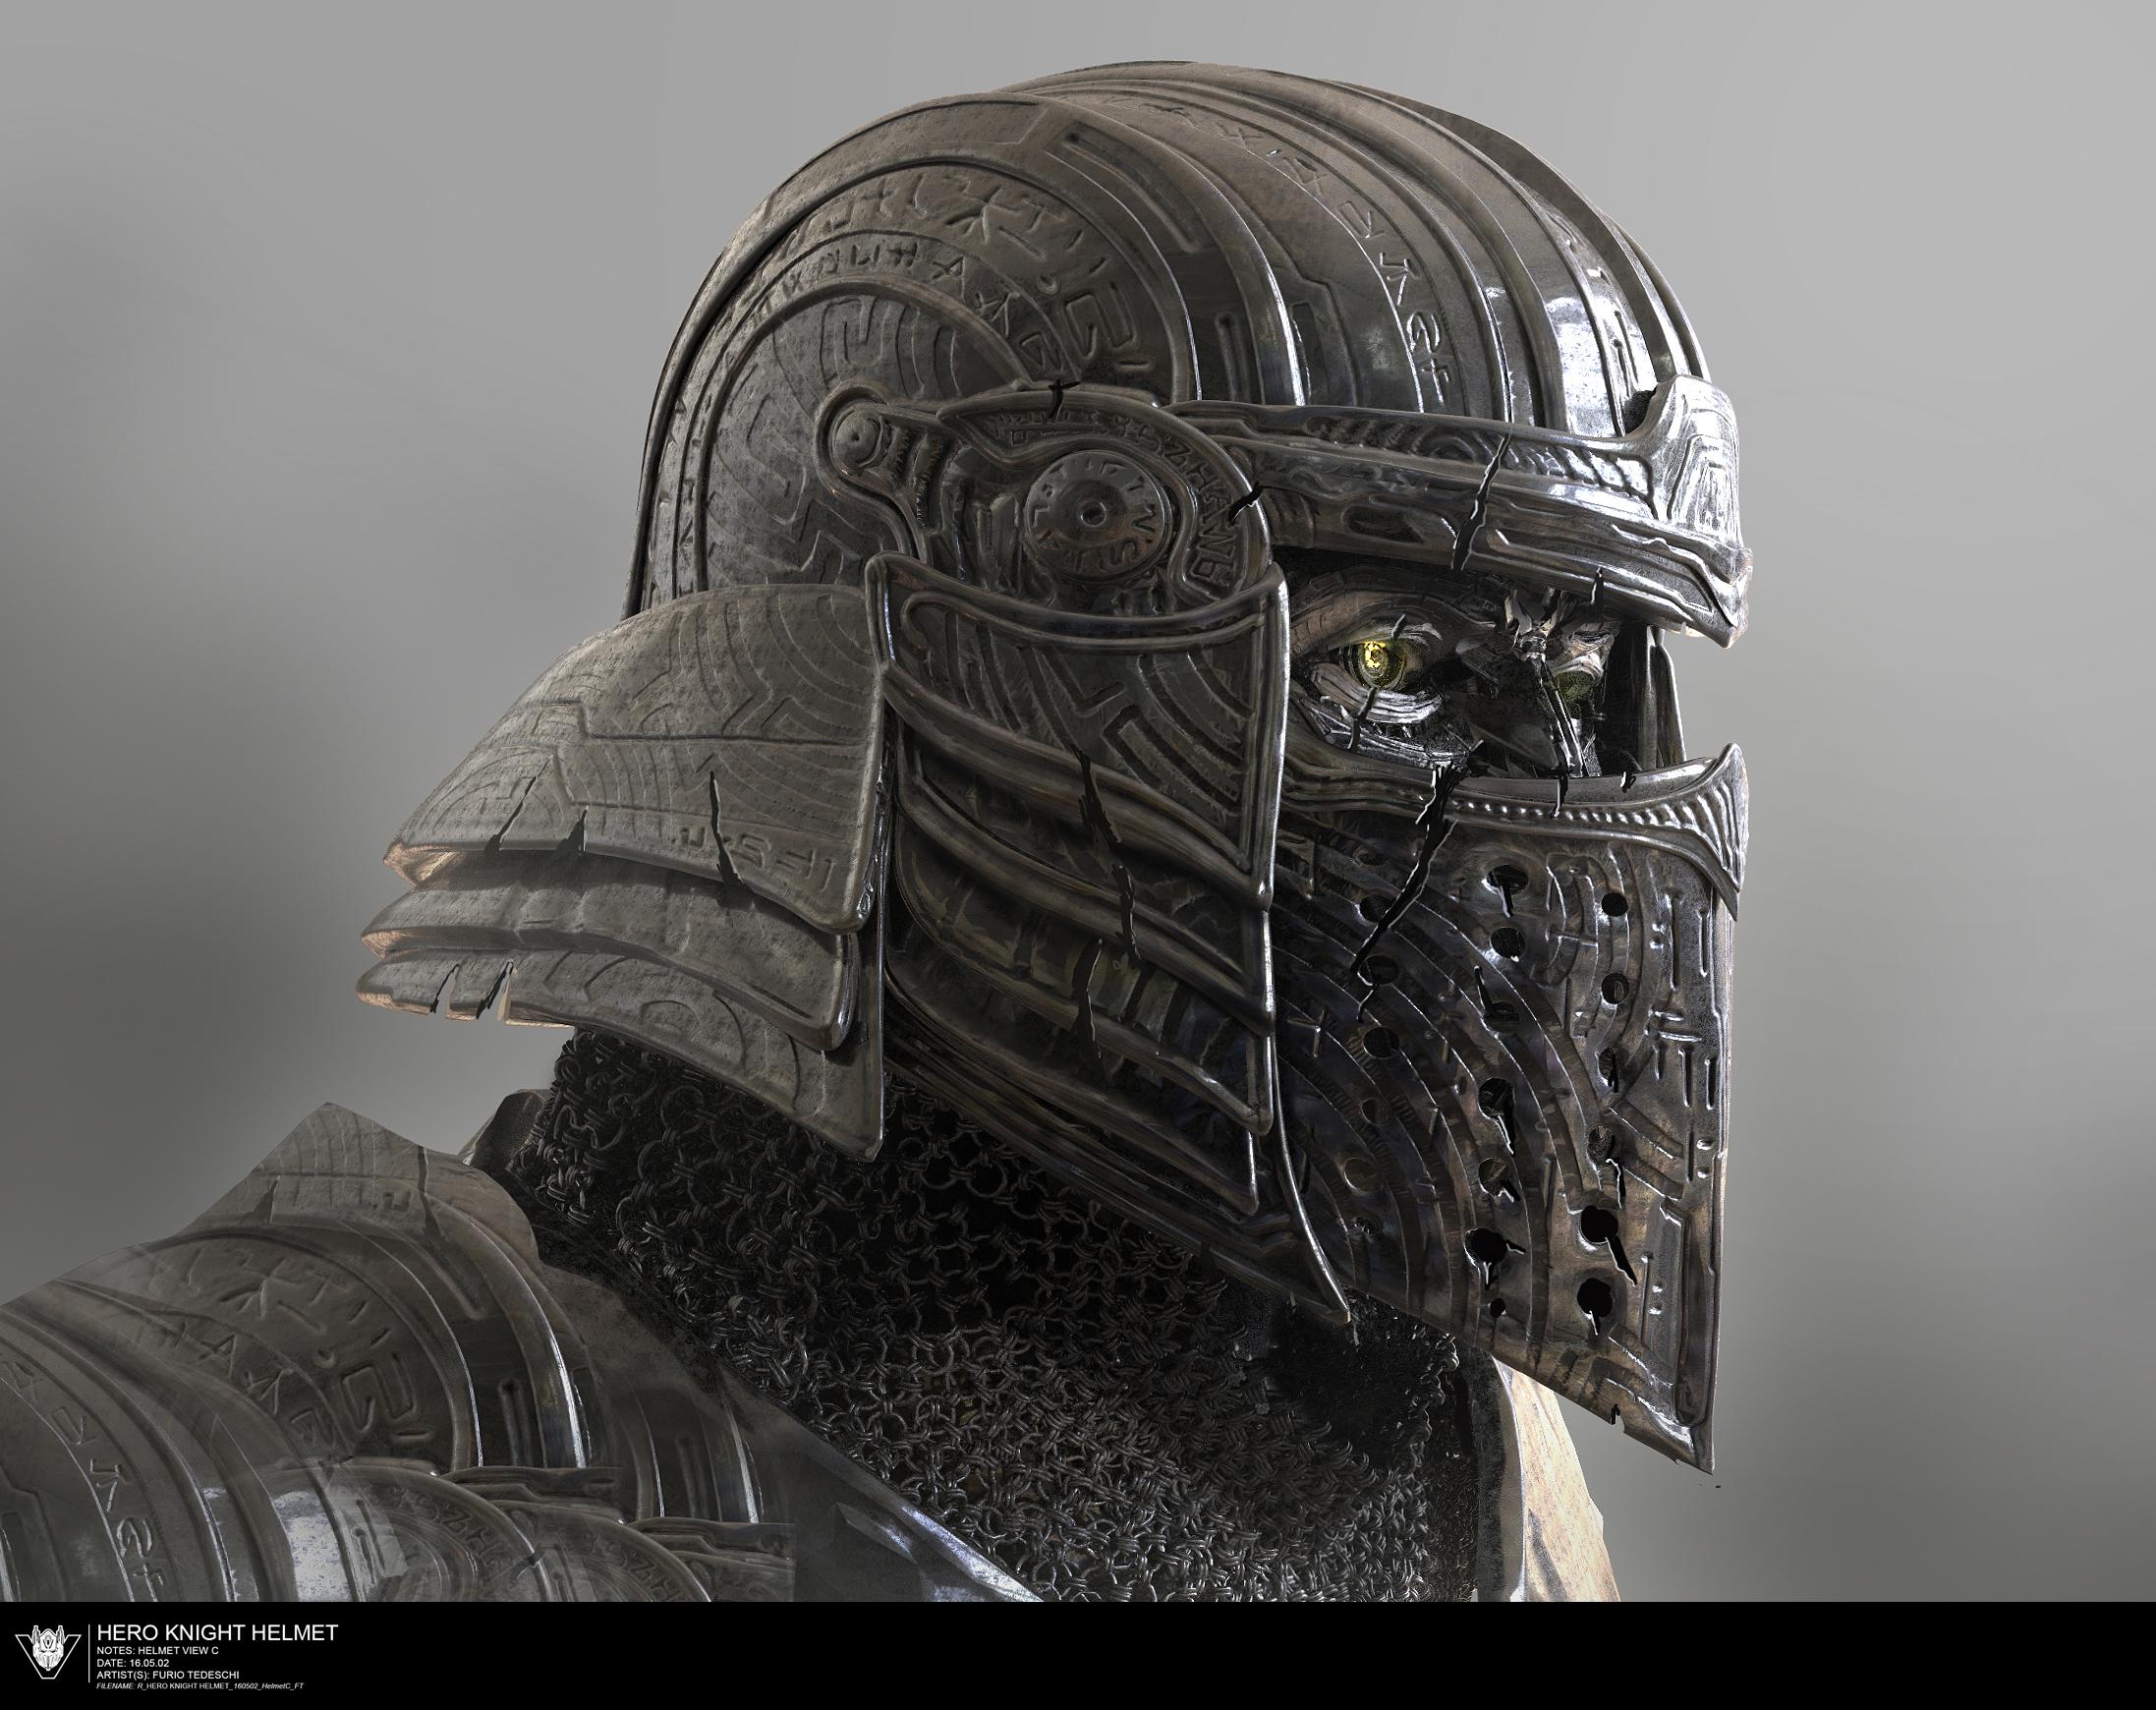 R_HERO KNIGHT HELMET_160502_HelmetC_FT.jpg